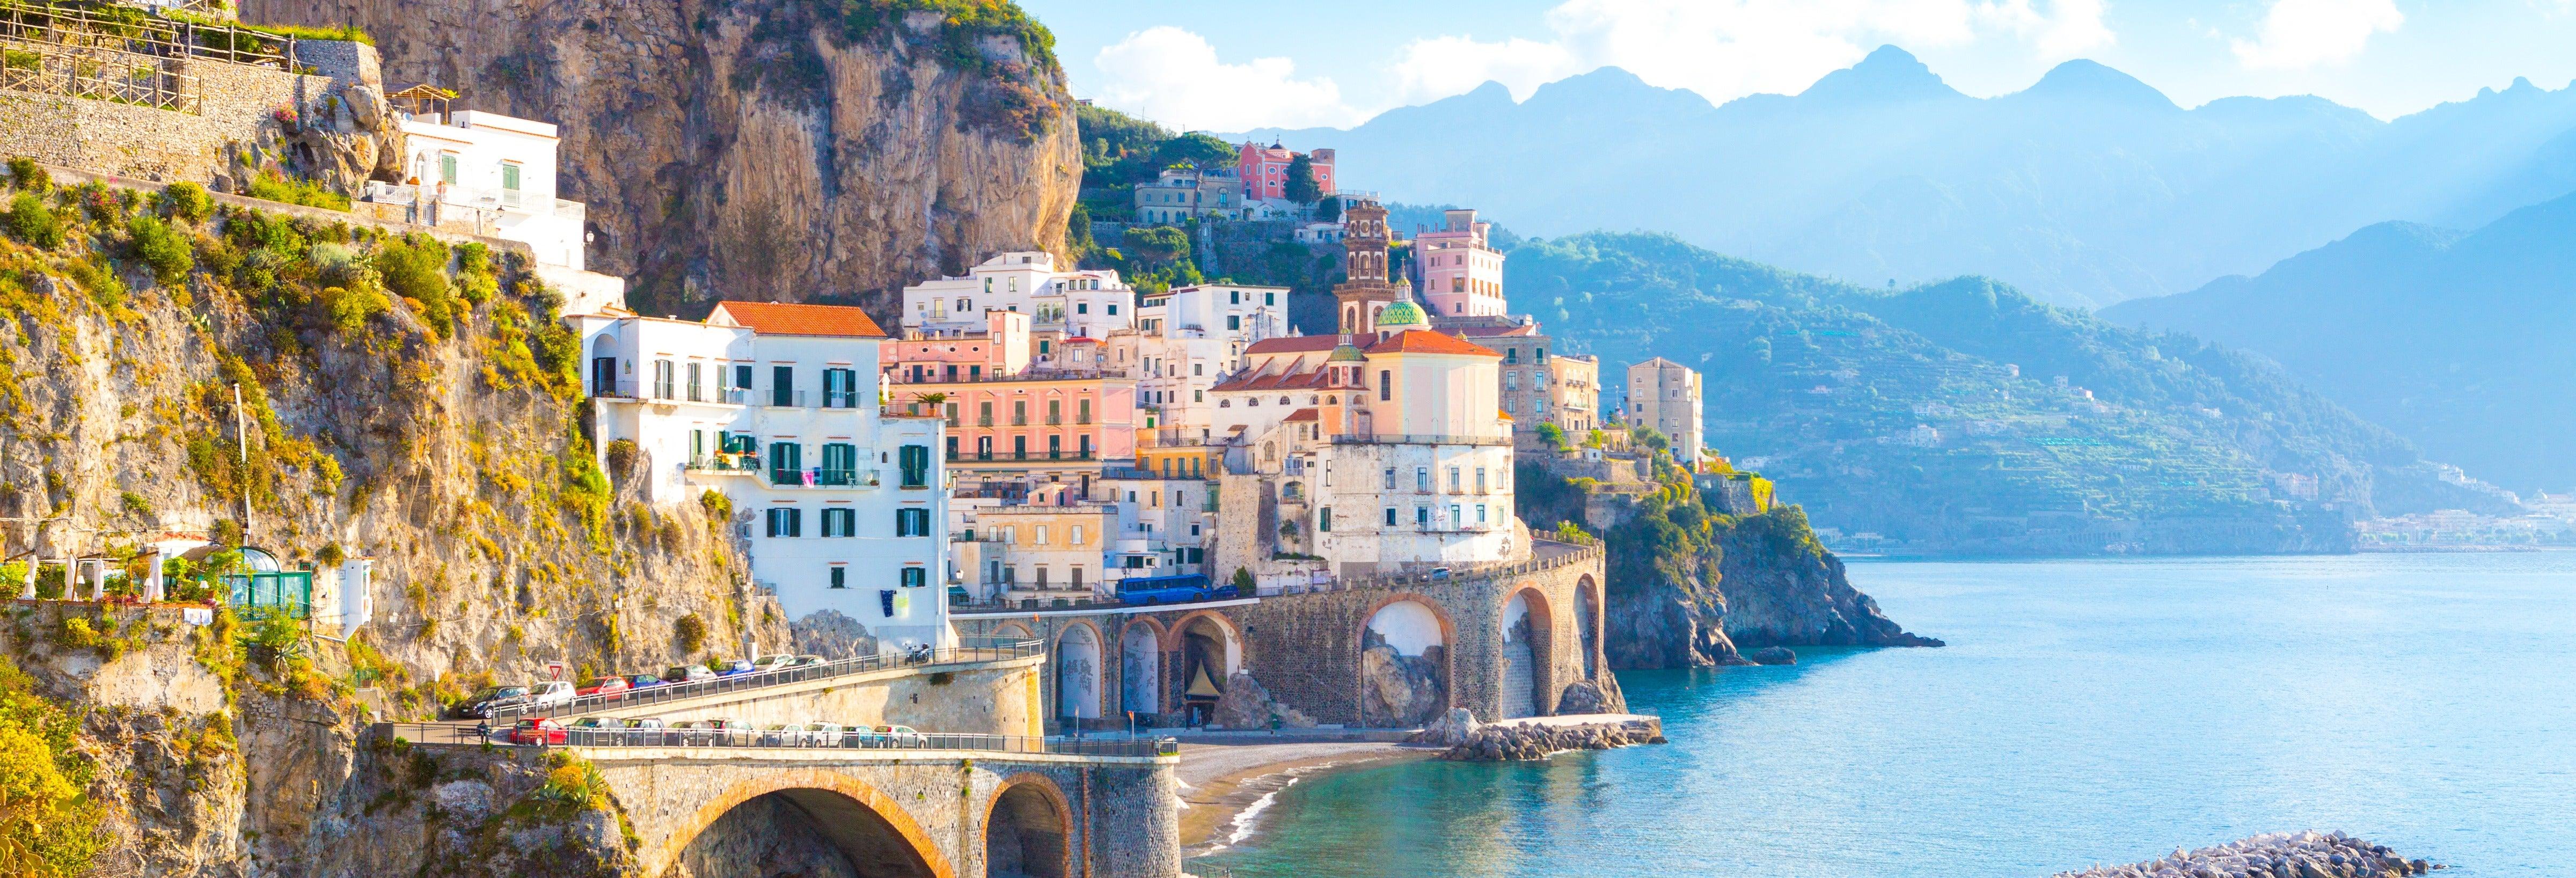 Excursão pela Costa Amalfitana